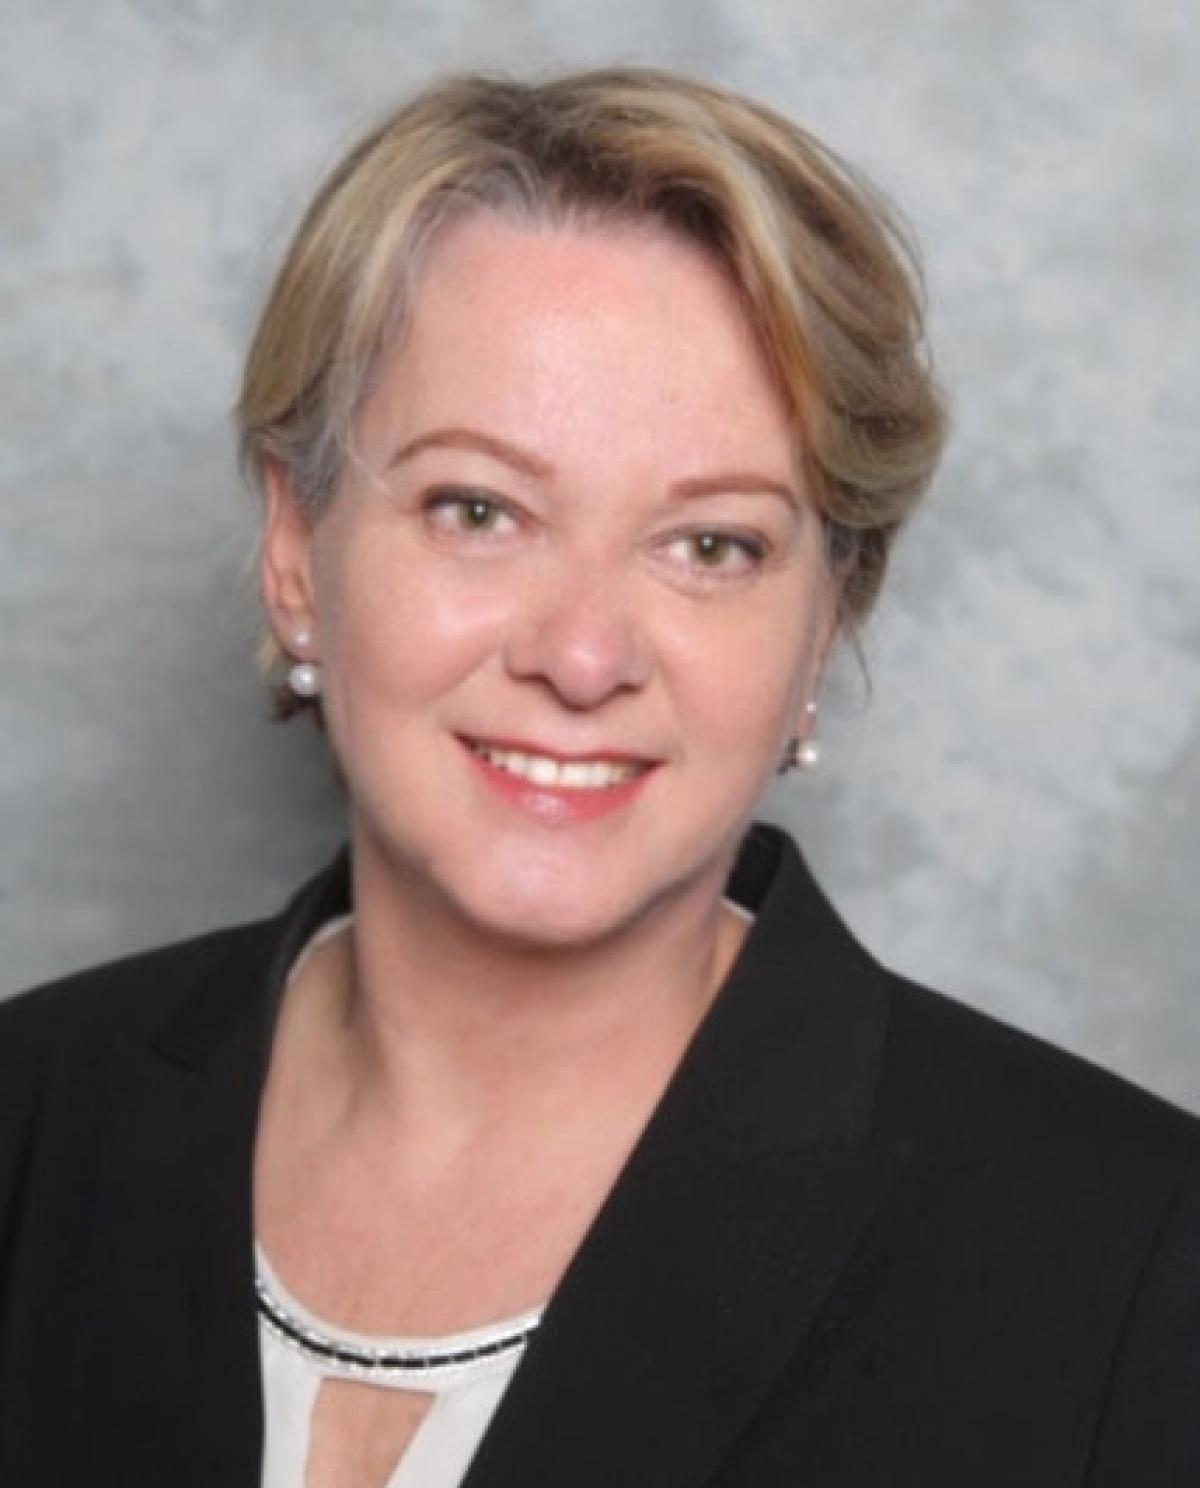 Profile picture Simone Eva